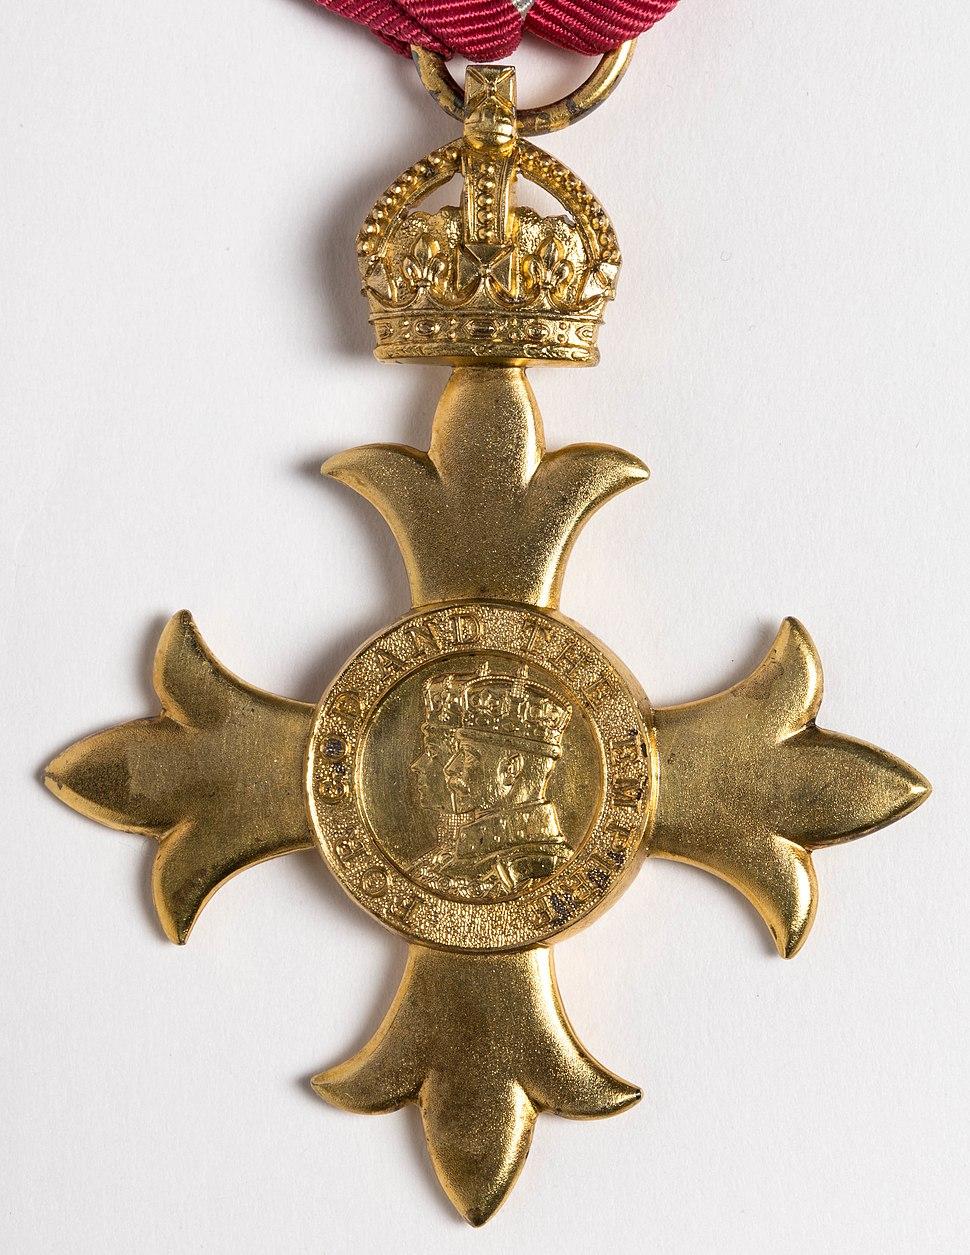 Medal set (AM 1996.218.1-3)